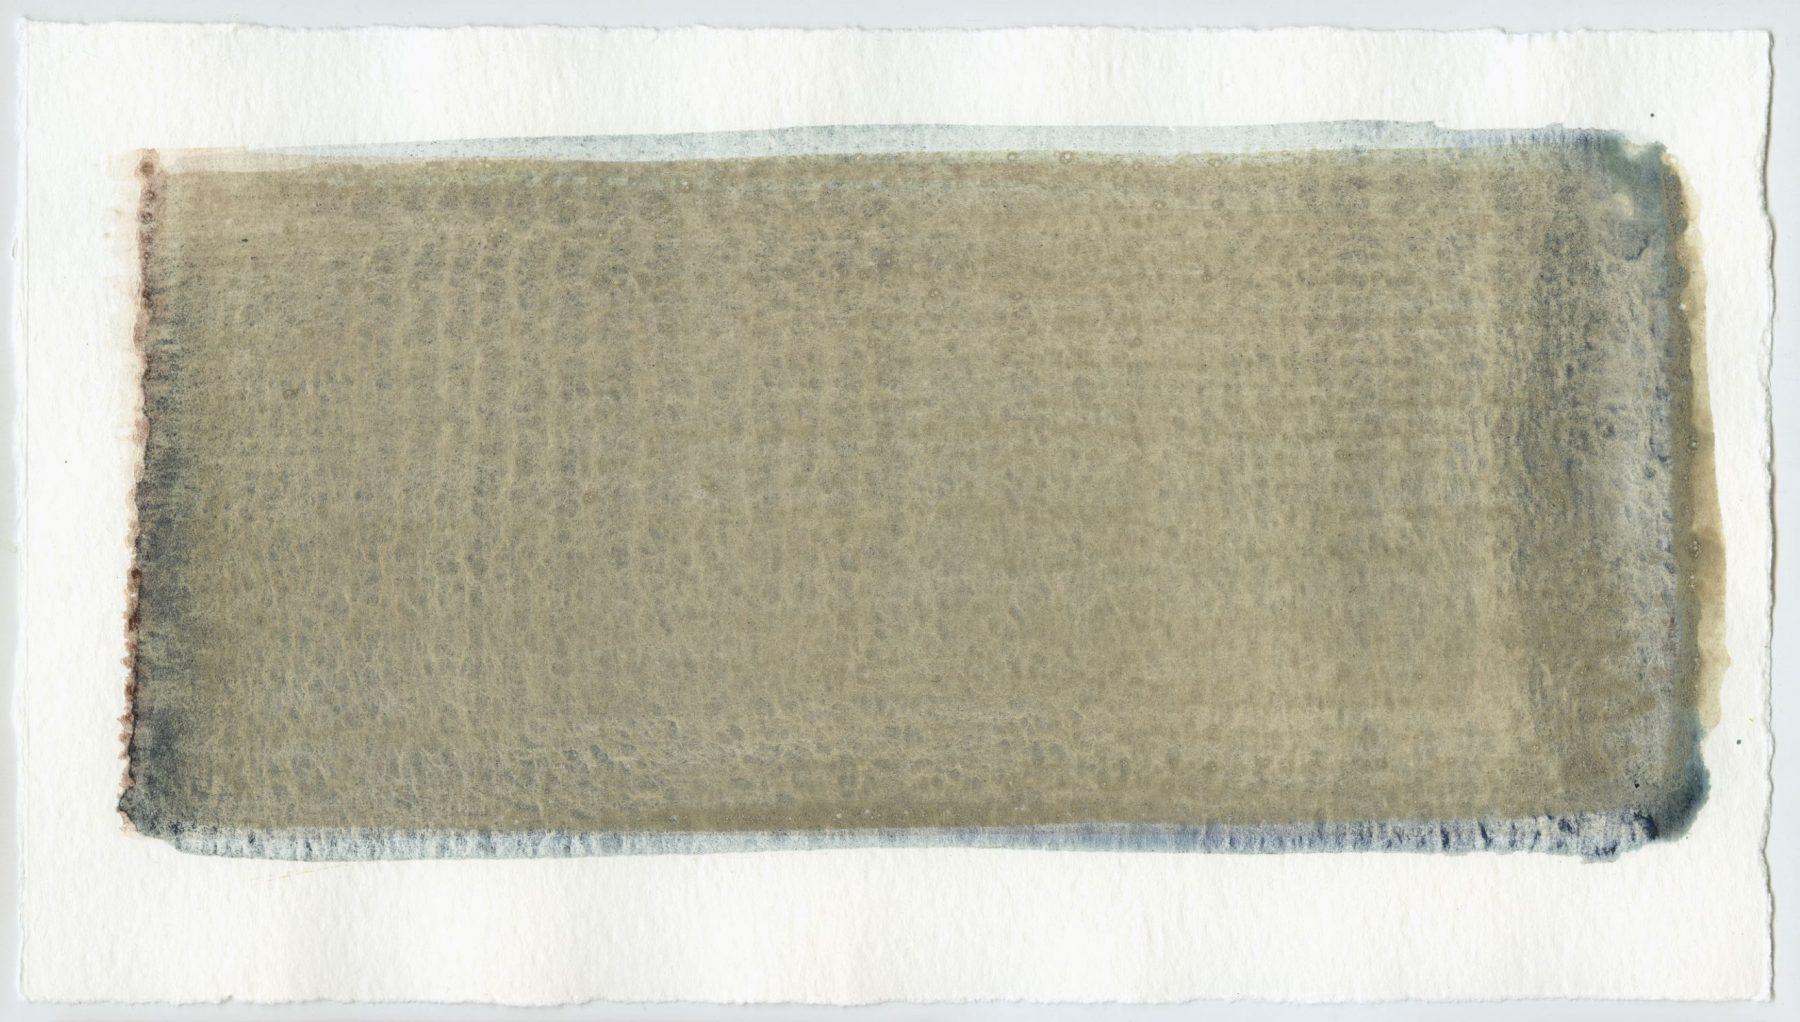 Brush stroke no. 62 - Pigment: Vivianiet (from Kremer Pigmente) Selfmade pigment: IJzeroer gebrand, Boekels grijs